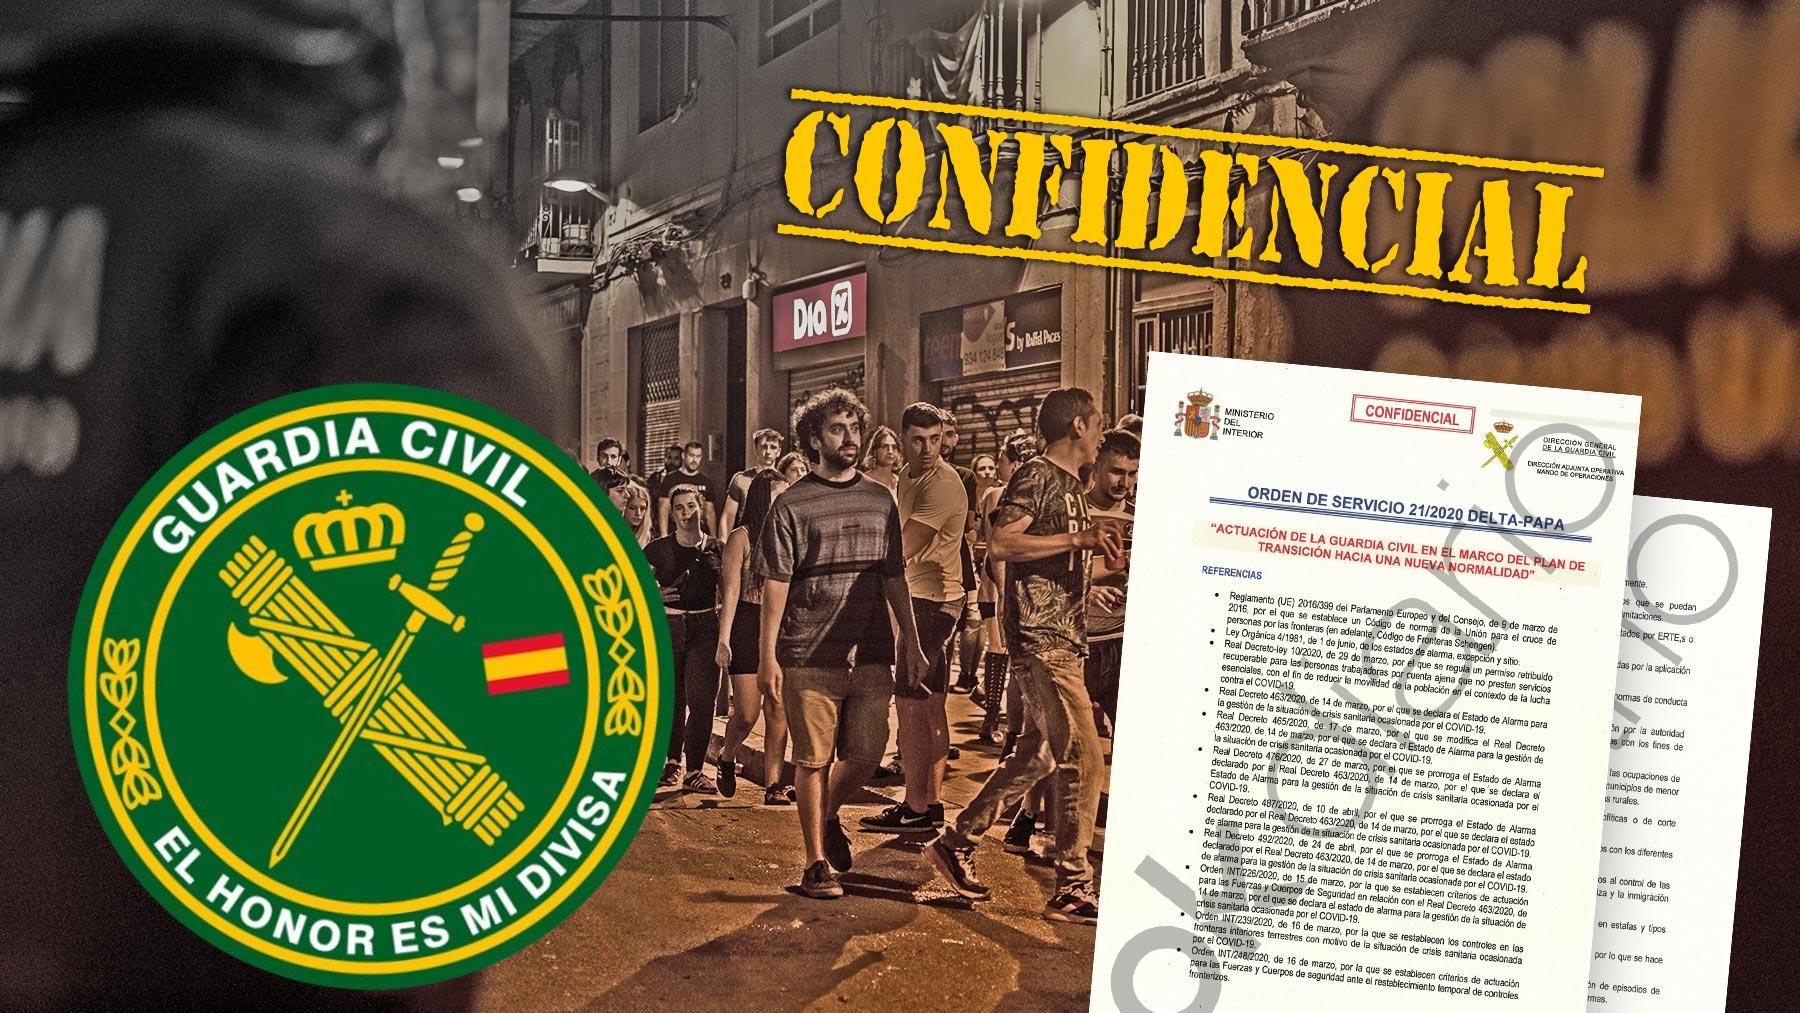 El informe confidencial de la Guardia Civil predijo las consecuencias post pandemia.